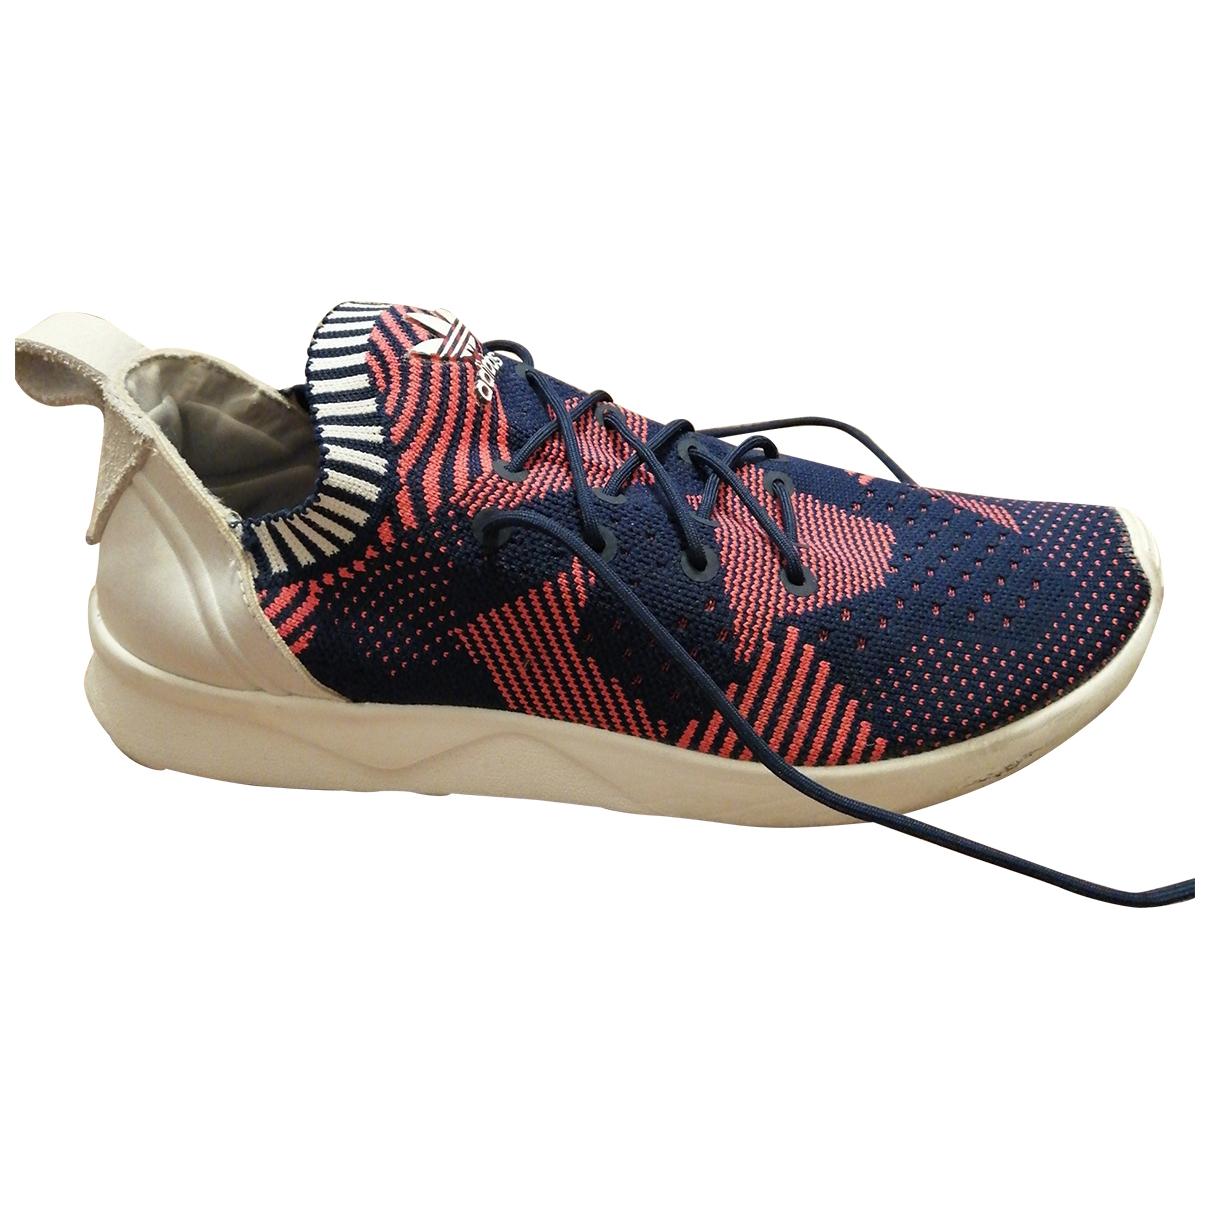 Adidas - Baskets ZX pour femme en toile